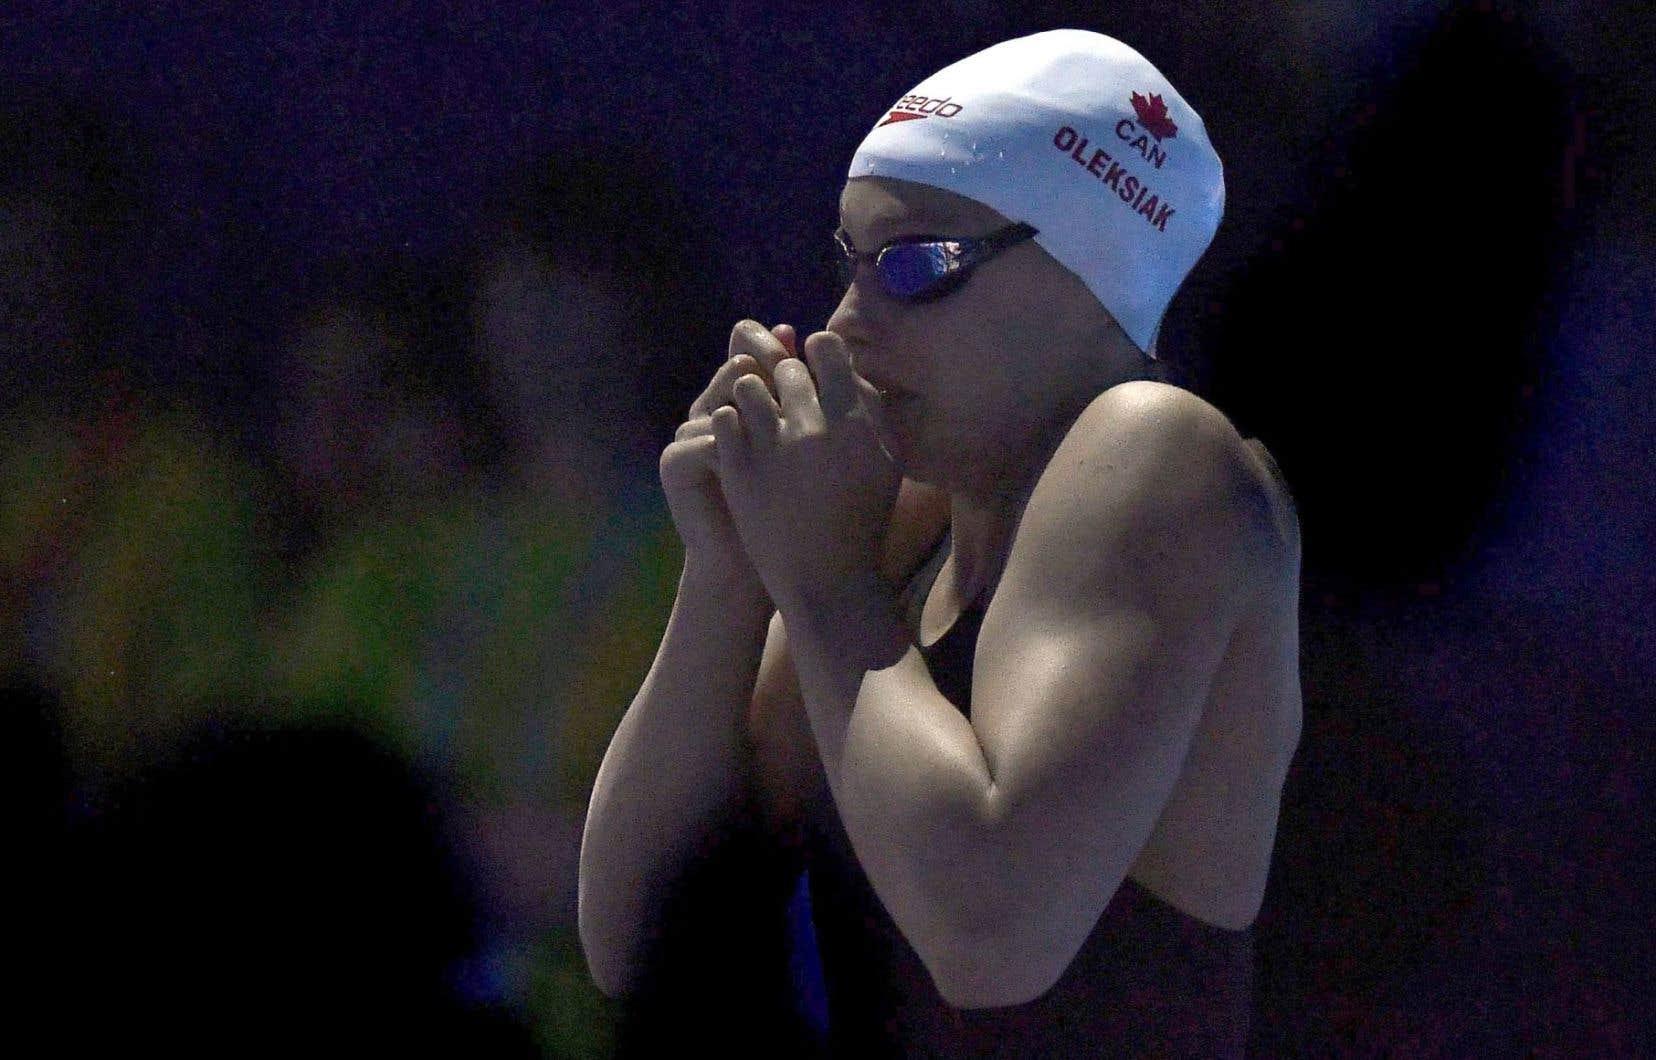 Penny Oleksiak a terminé au sixième rang de l'épreuve aux Championnats du monde de natation de Budapest, vendredi, avec un temps de 52,94 secondes.